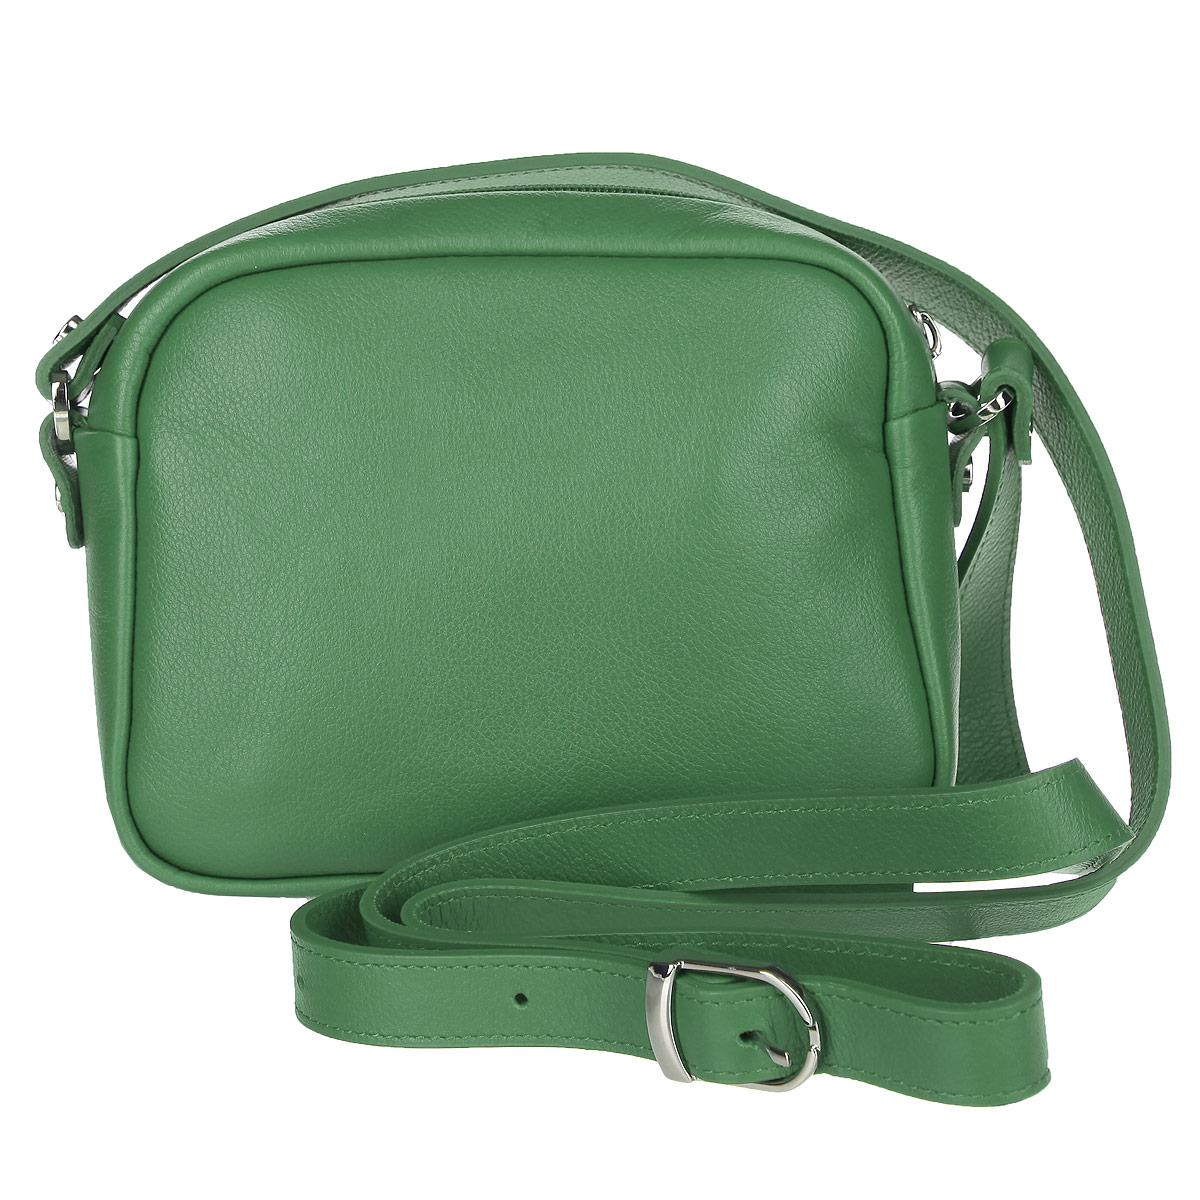 Сумка женская Fabula, цвет: зеленый. S.137.FPS.137.FP. зеленыйОригинальная женская мини-сумка Fabula из коллекции Every day выполнена из мягкой натуральной кожи. Сумка закрывается на пластиковую застежку-молнию. Внутри - основное объемное отделение и небольшой нашивной кармашек для телефона или мелочей. На задней стенке - прорезной карман на застежке-молнии. Плечевой ремень регулируемой длины. Роскошная сумка внесет элегантные нотки в ваш образ и подчеркнет ваше отменное чувство стиля.